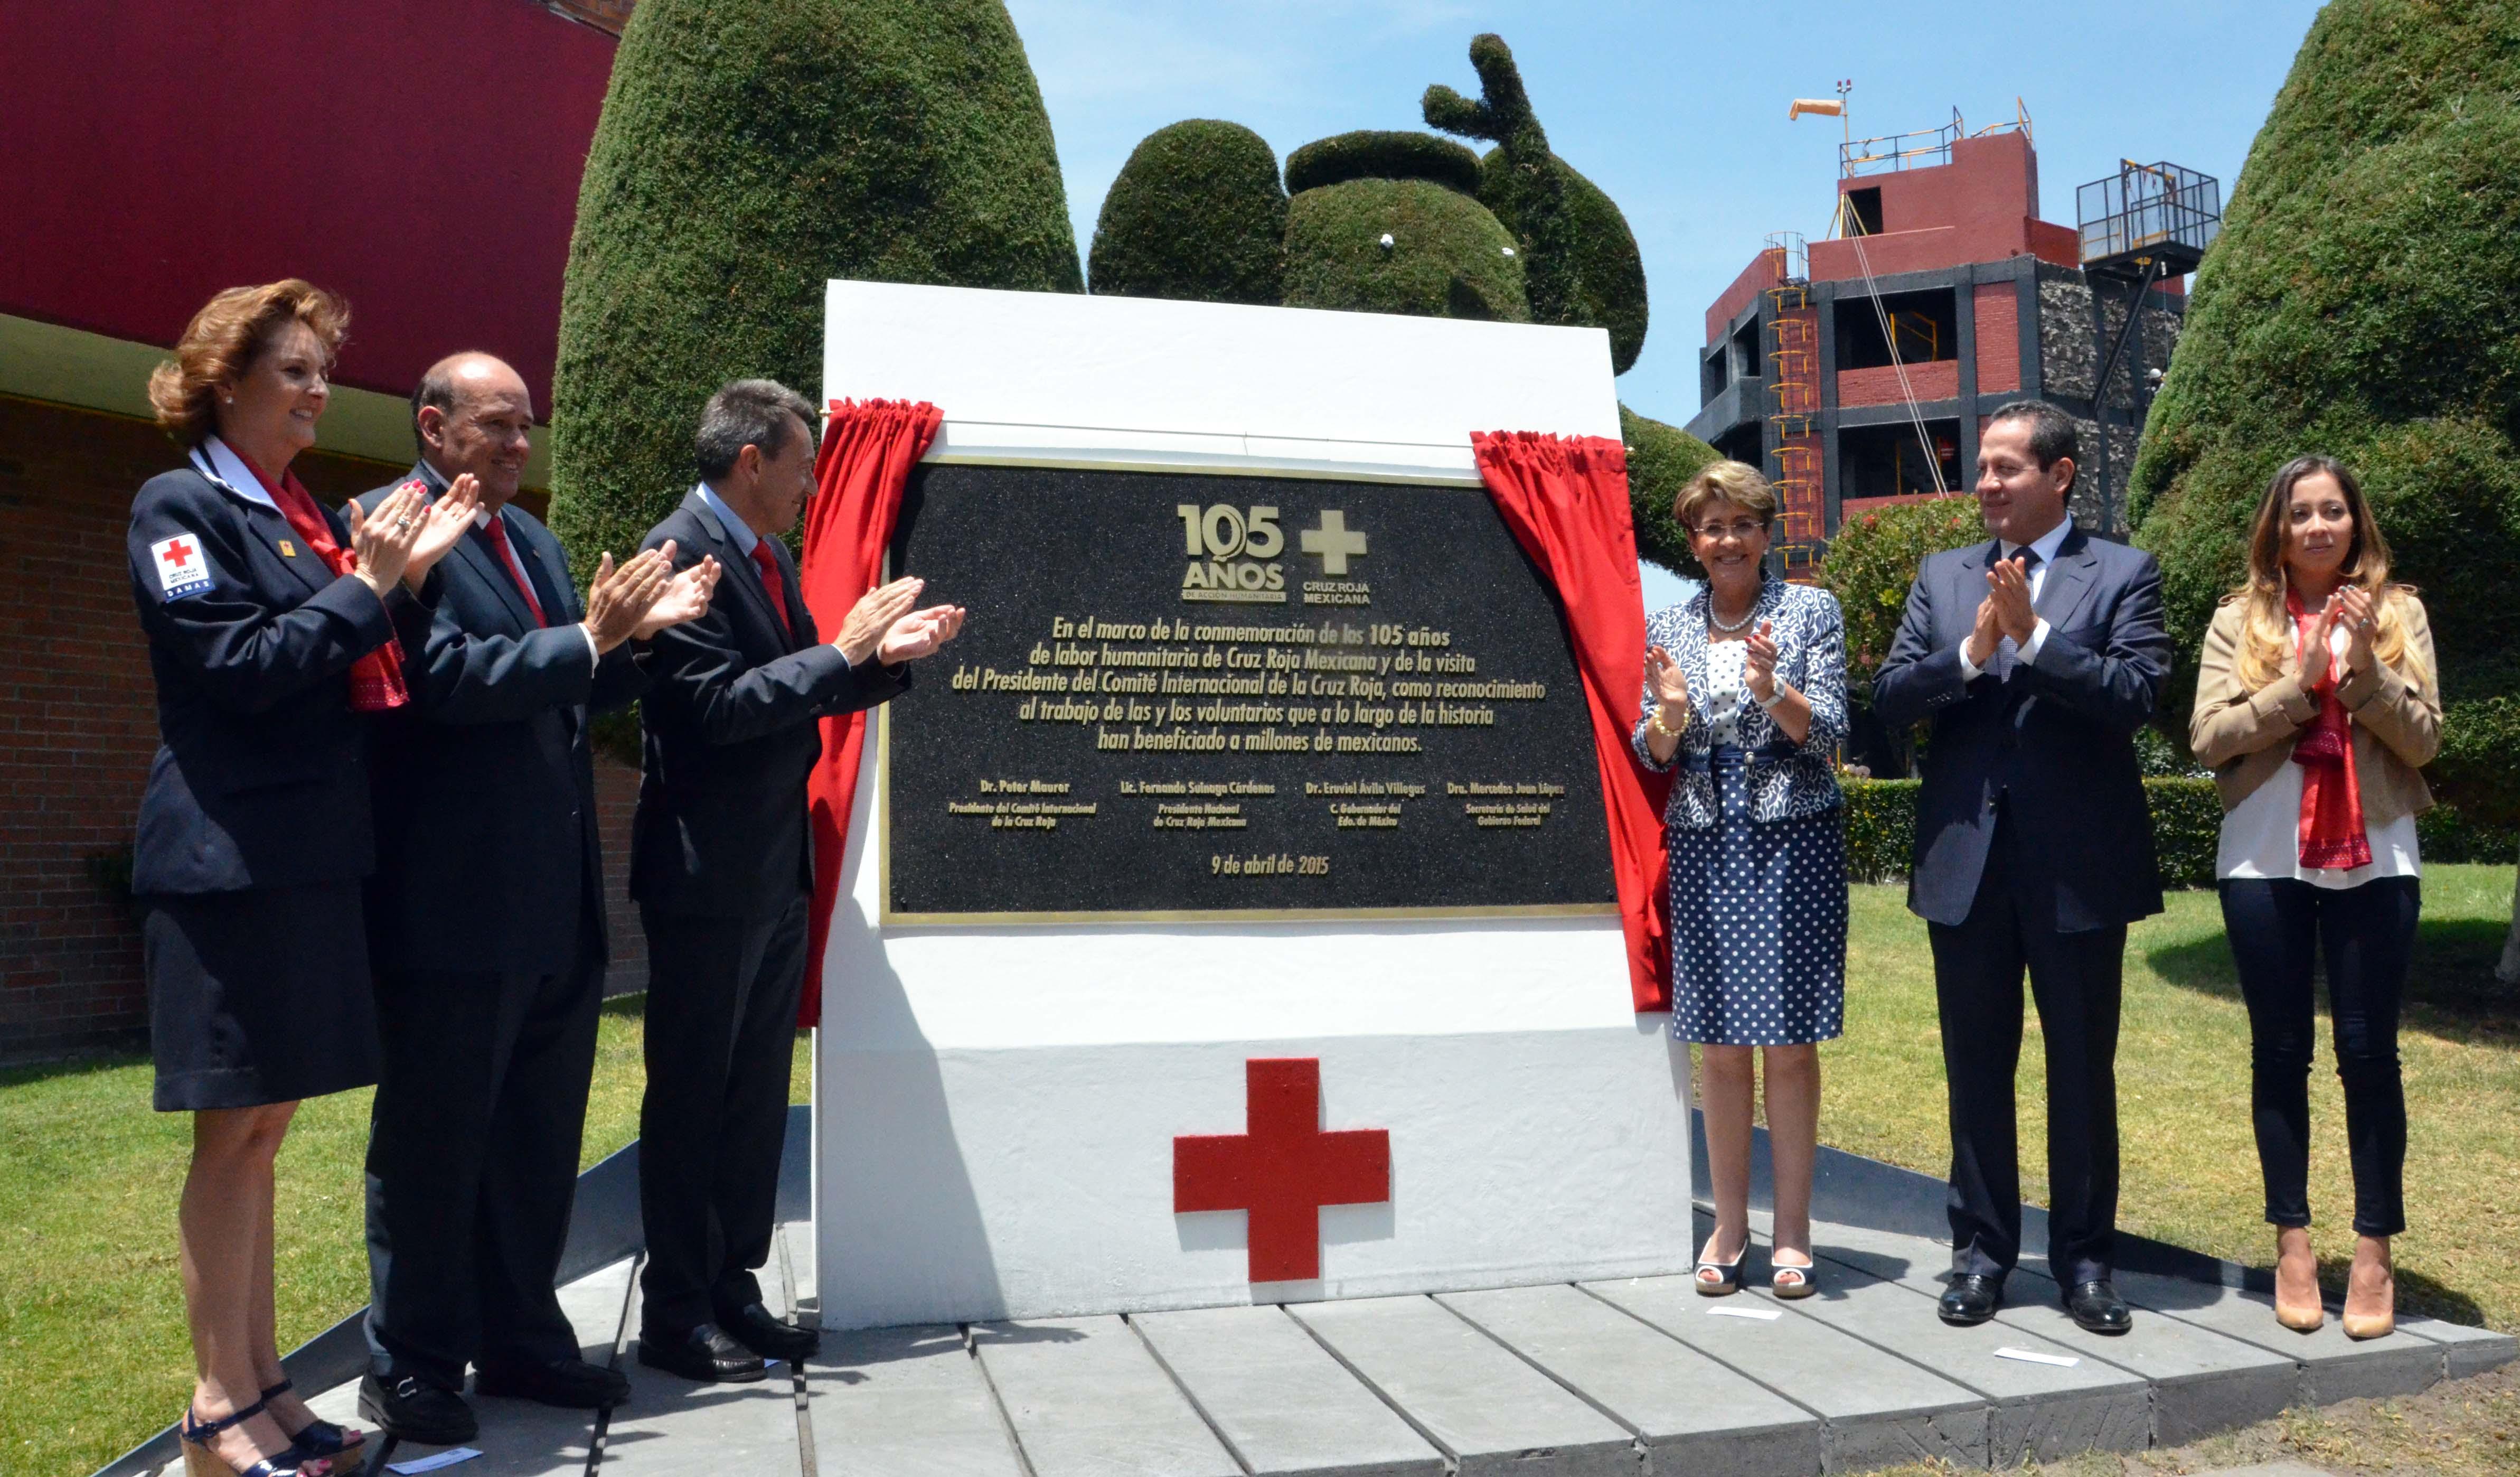 090415 105 Aniversario Cruz Roja 13jpg